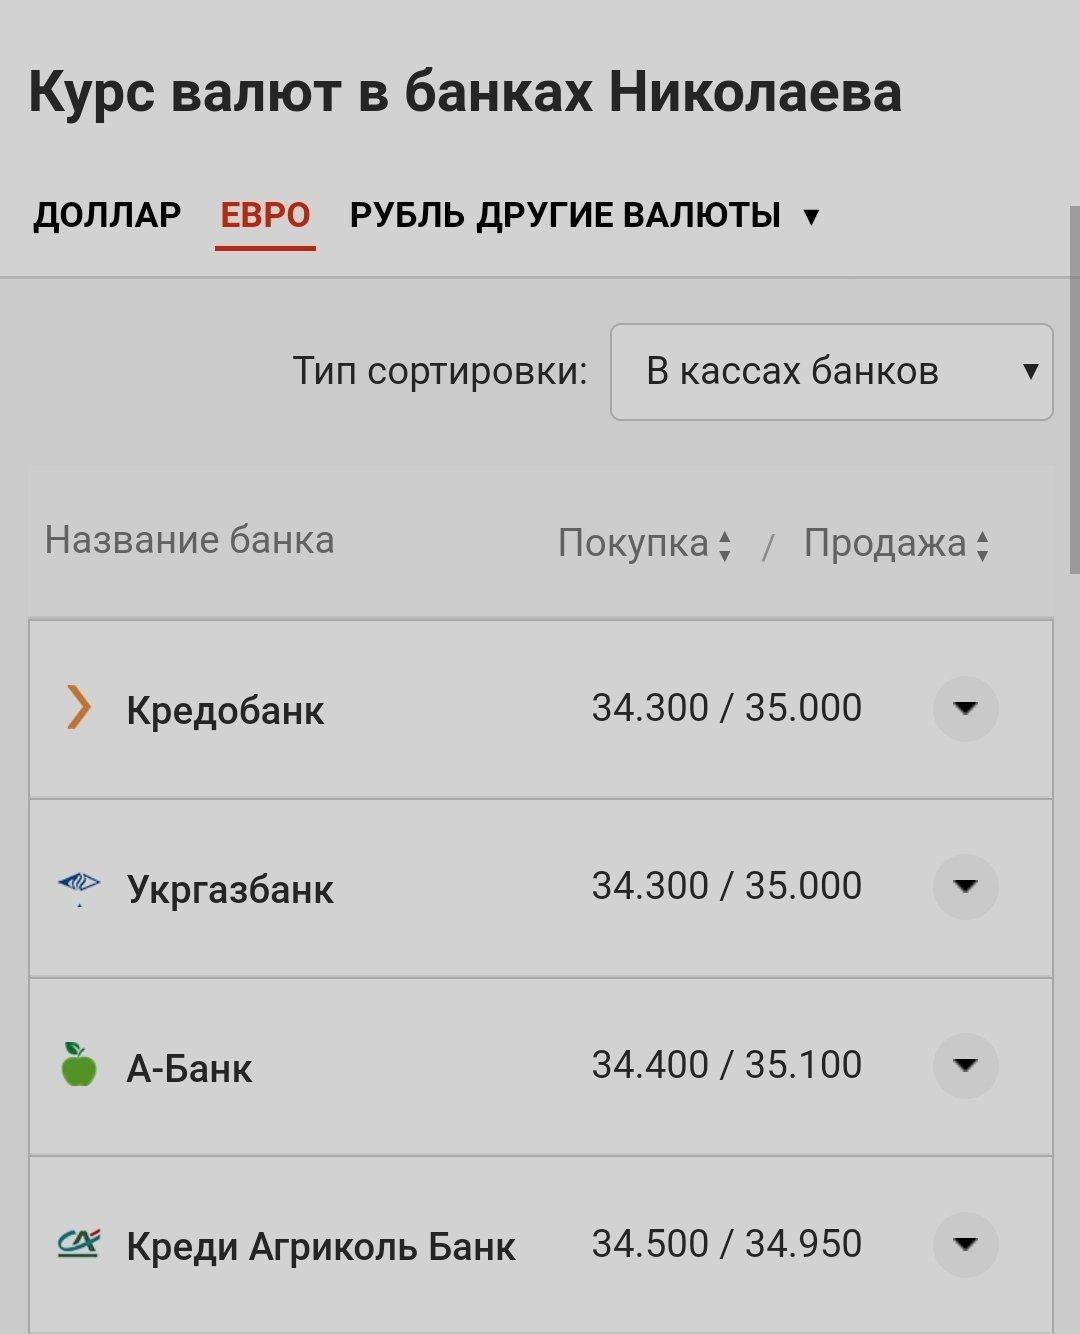 Доллар от 28 гривен и евро от 34 гривен: курс валют в Николаеве, фото-3